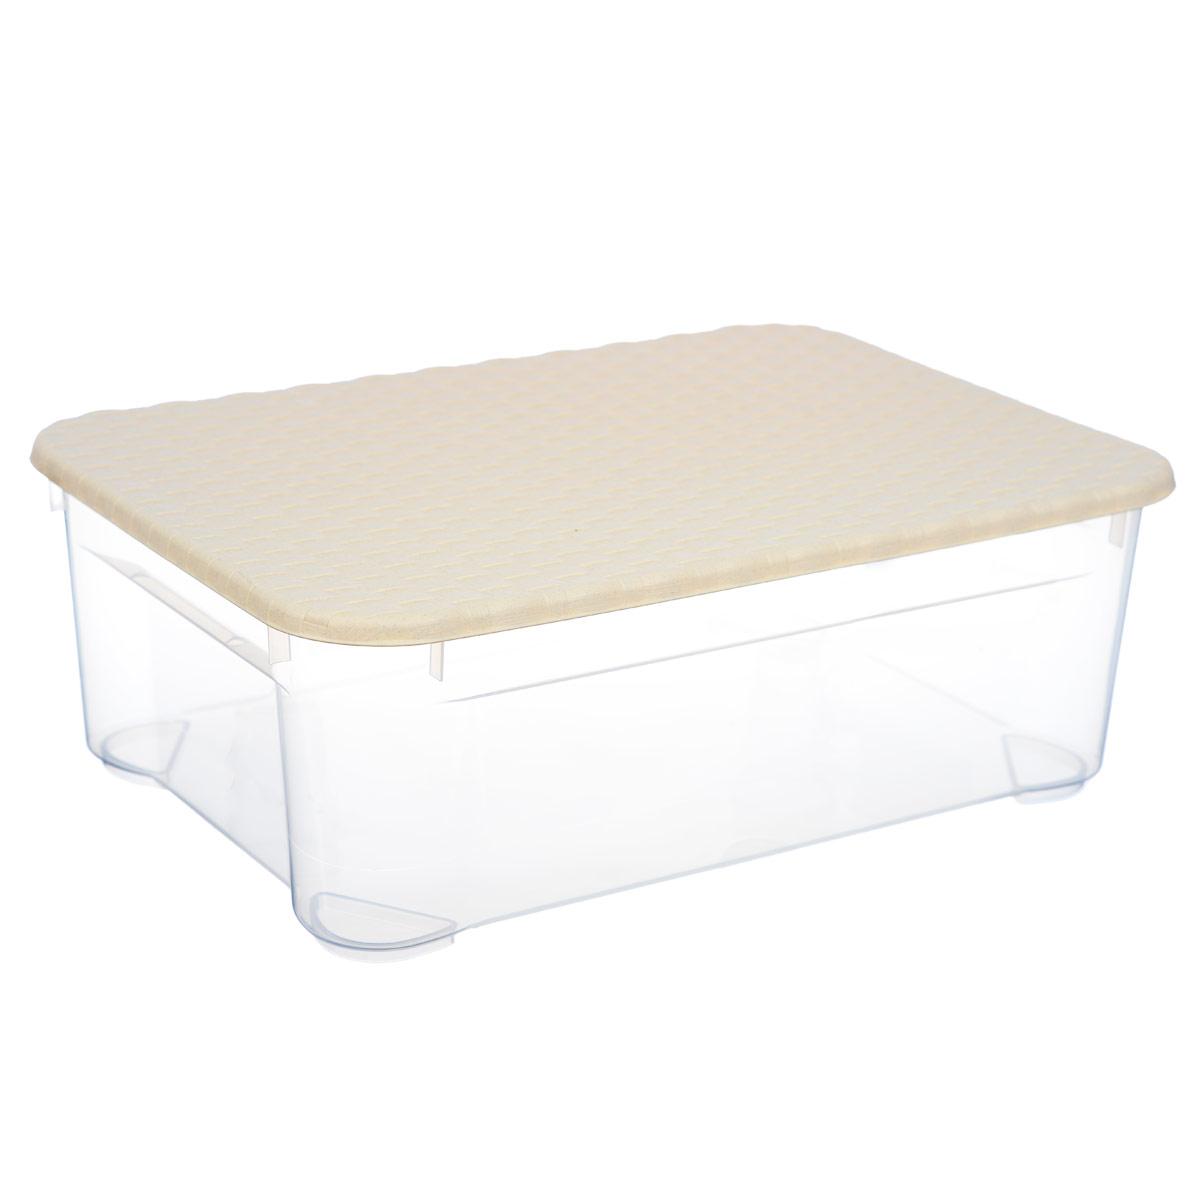 Ящик с крышкой Econova Ротанг, цвет: бежевый, прозрачный, 55,5 см х 39 см х 19 смС12813 бежевыйПрямоугольный ящик Econova Ротанг выполнен из высококачественного прозрачного пластика. Ящик плотно закрывается крышкой и оснащен ручками. Ящик Econova Ротанг очень вместителен и поможет вам хранить все необходимые мелочи в одном месте.